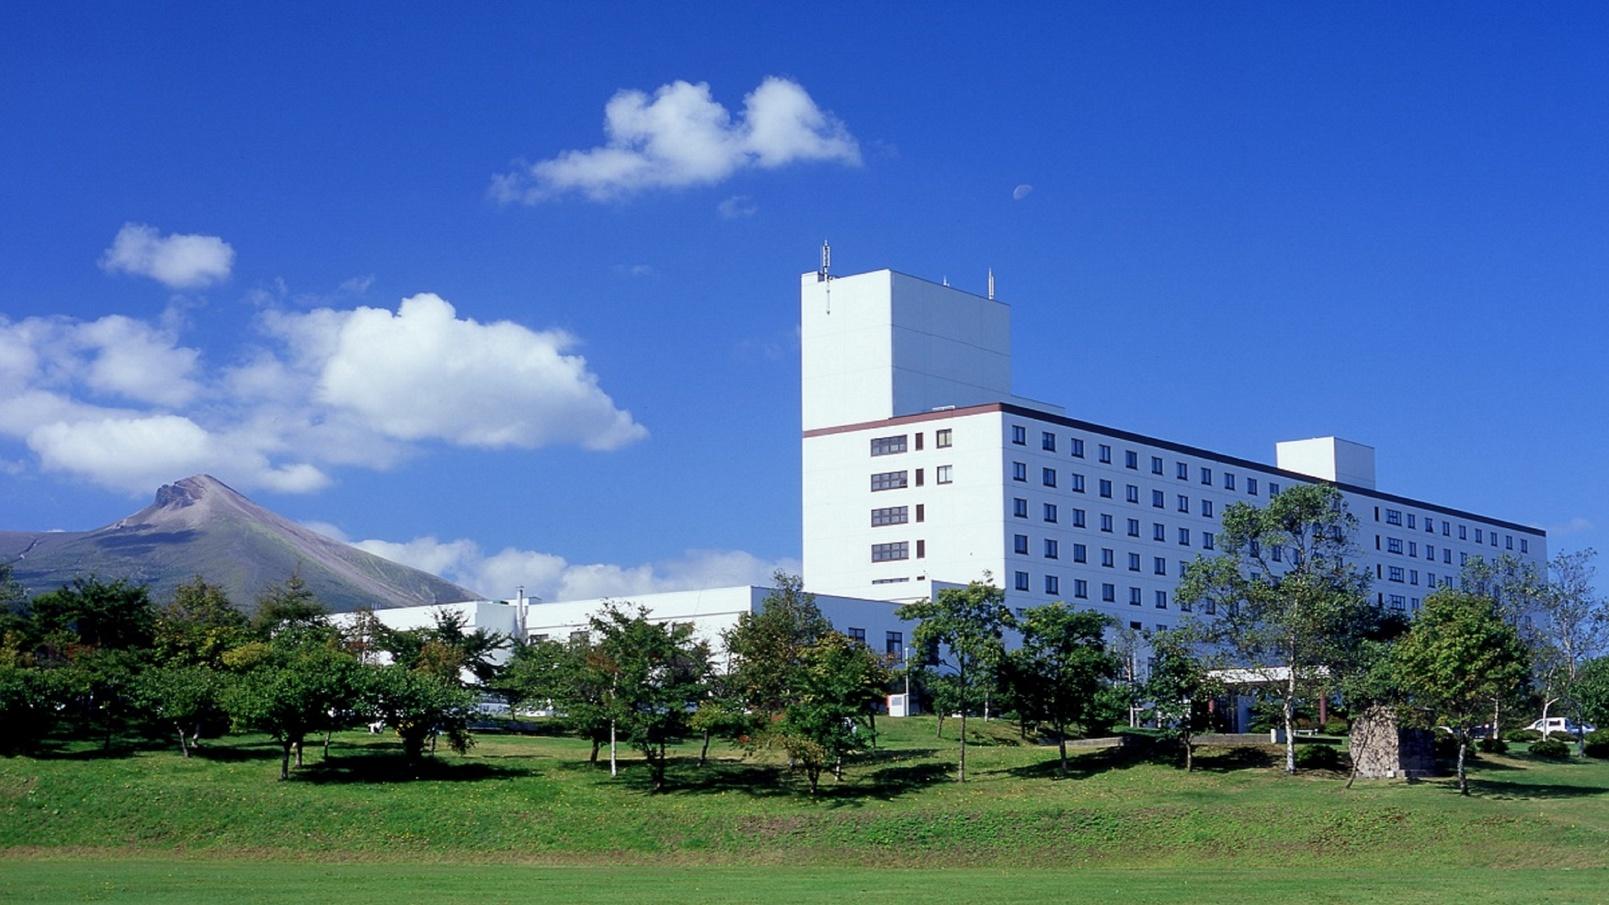 ロイヤルホテル みなみ北海道鹿部(旧:鹿部ロイヤルホテル)